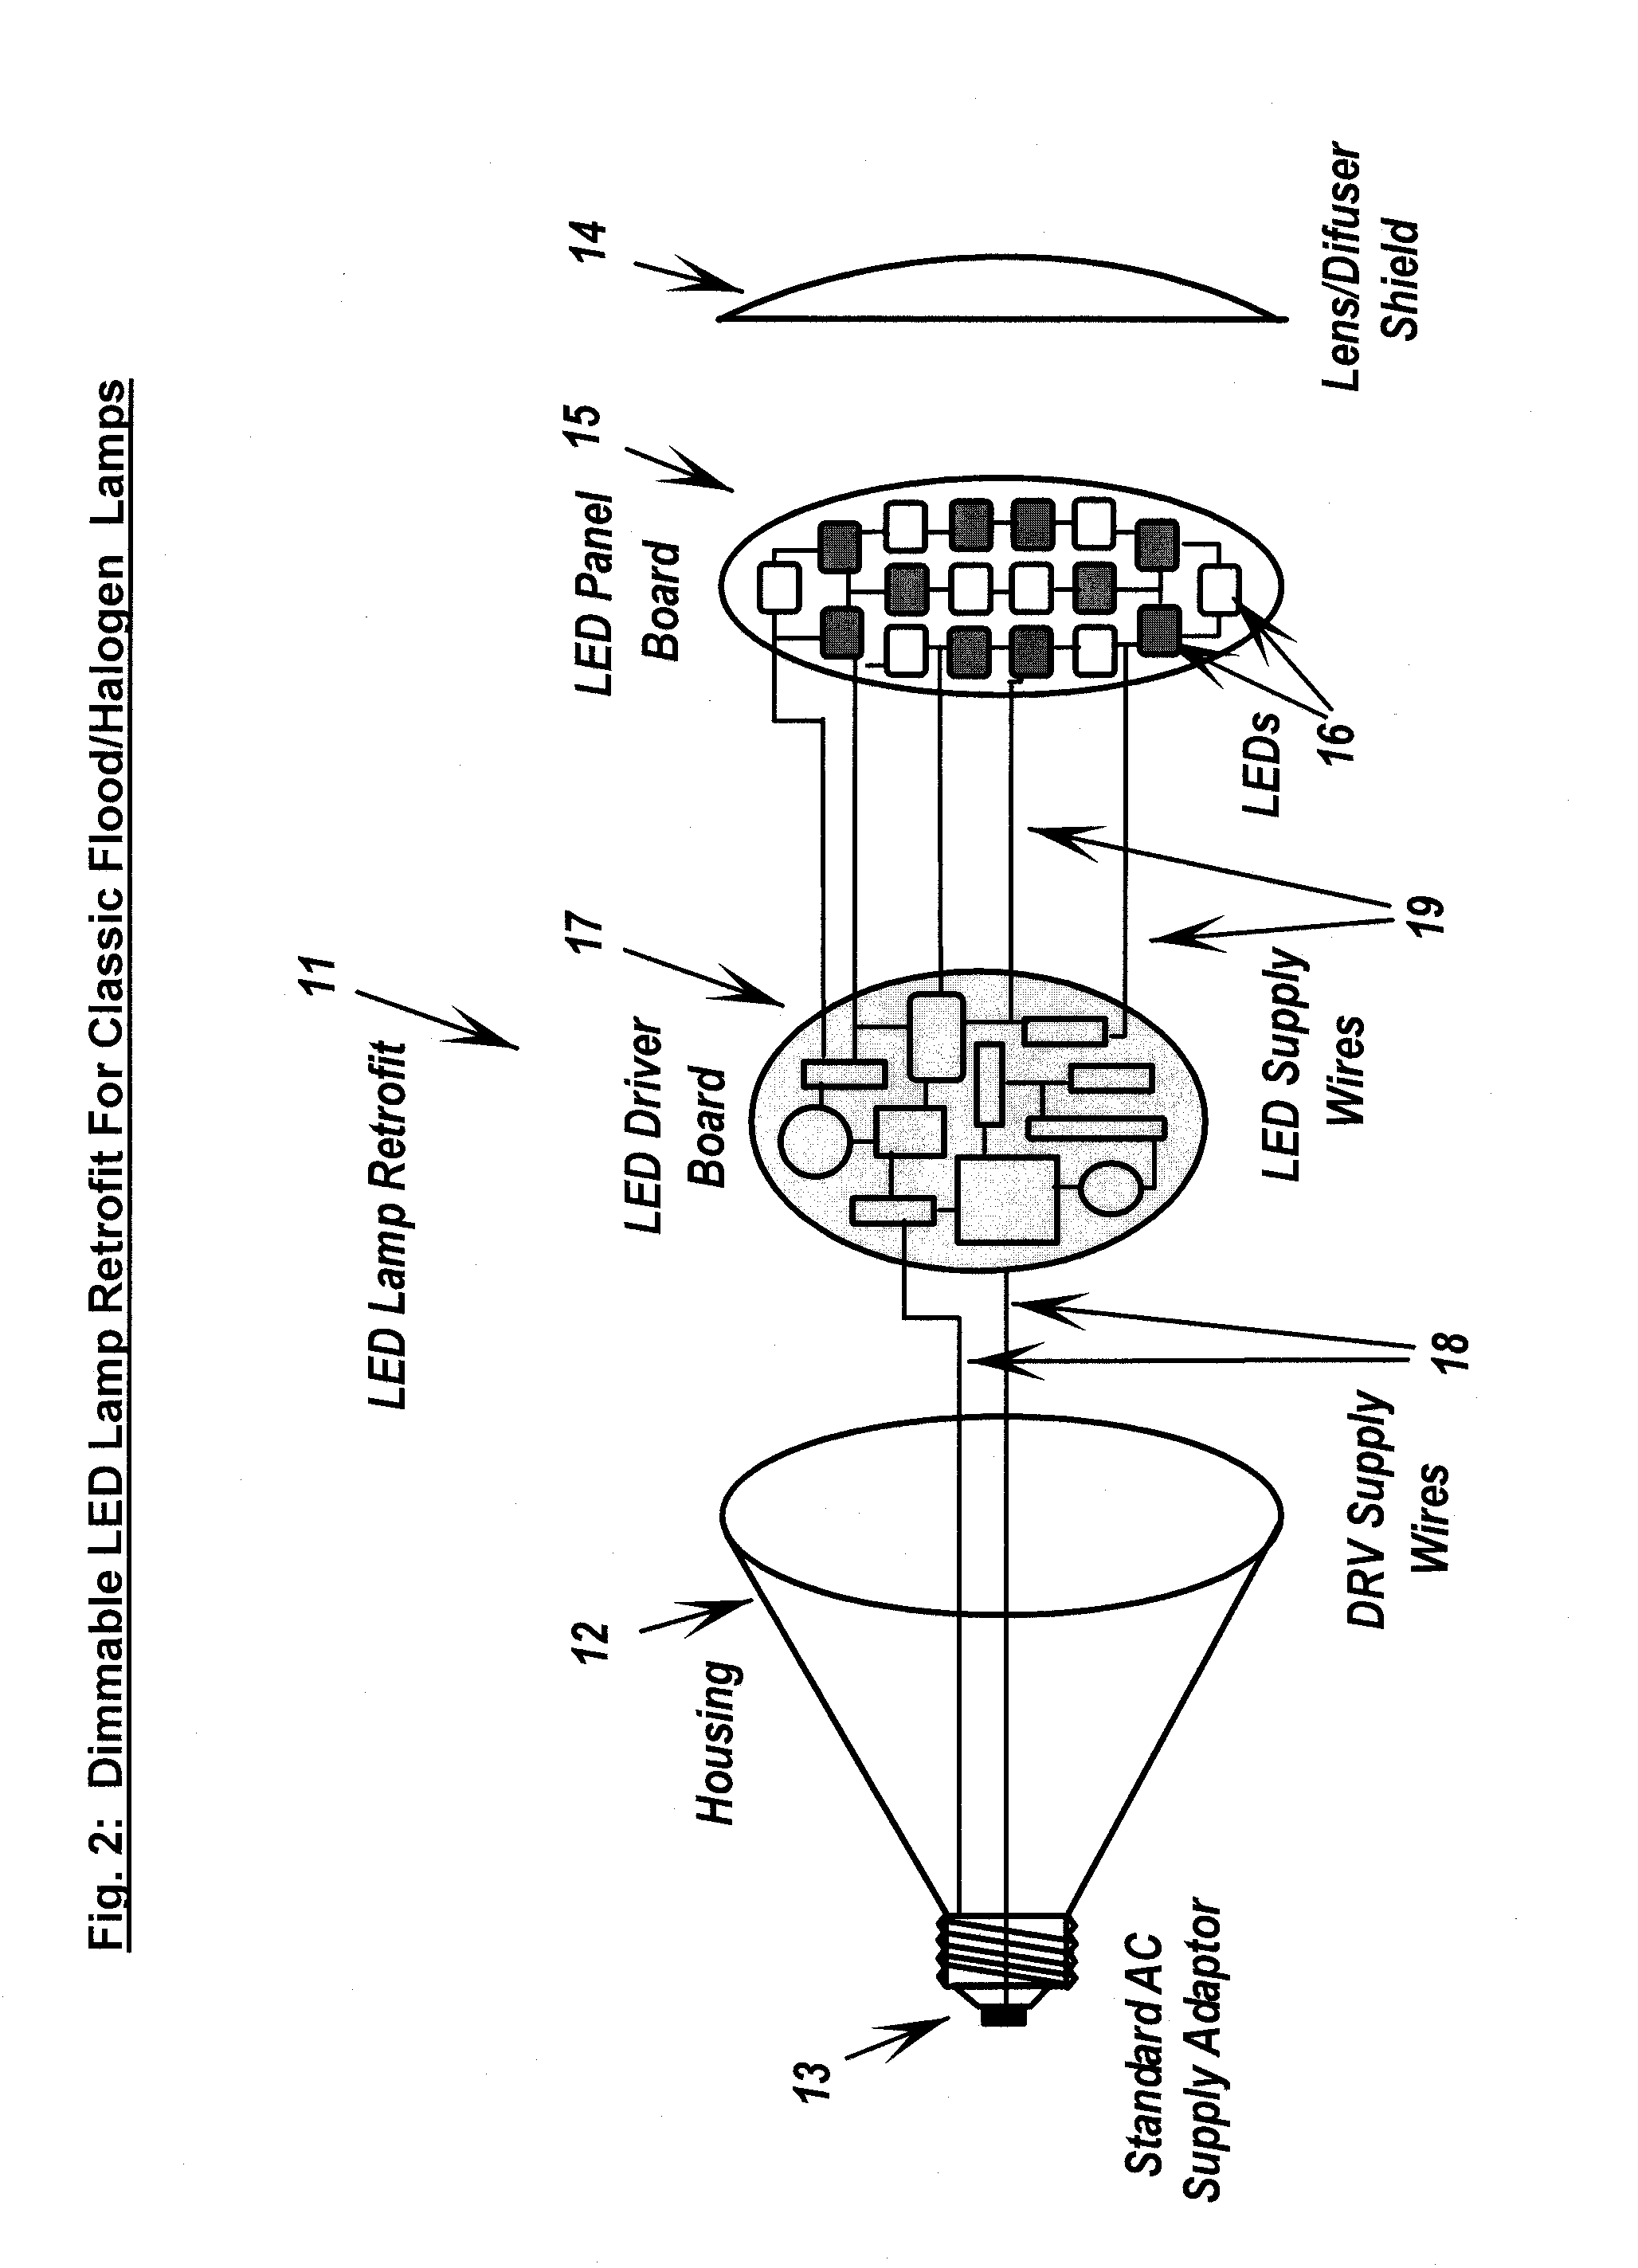 patent us20140300274